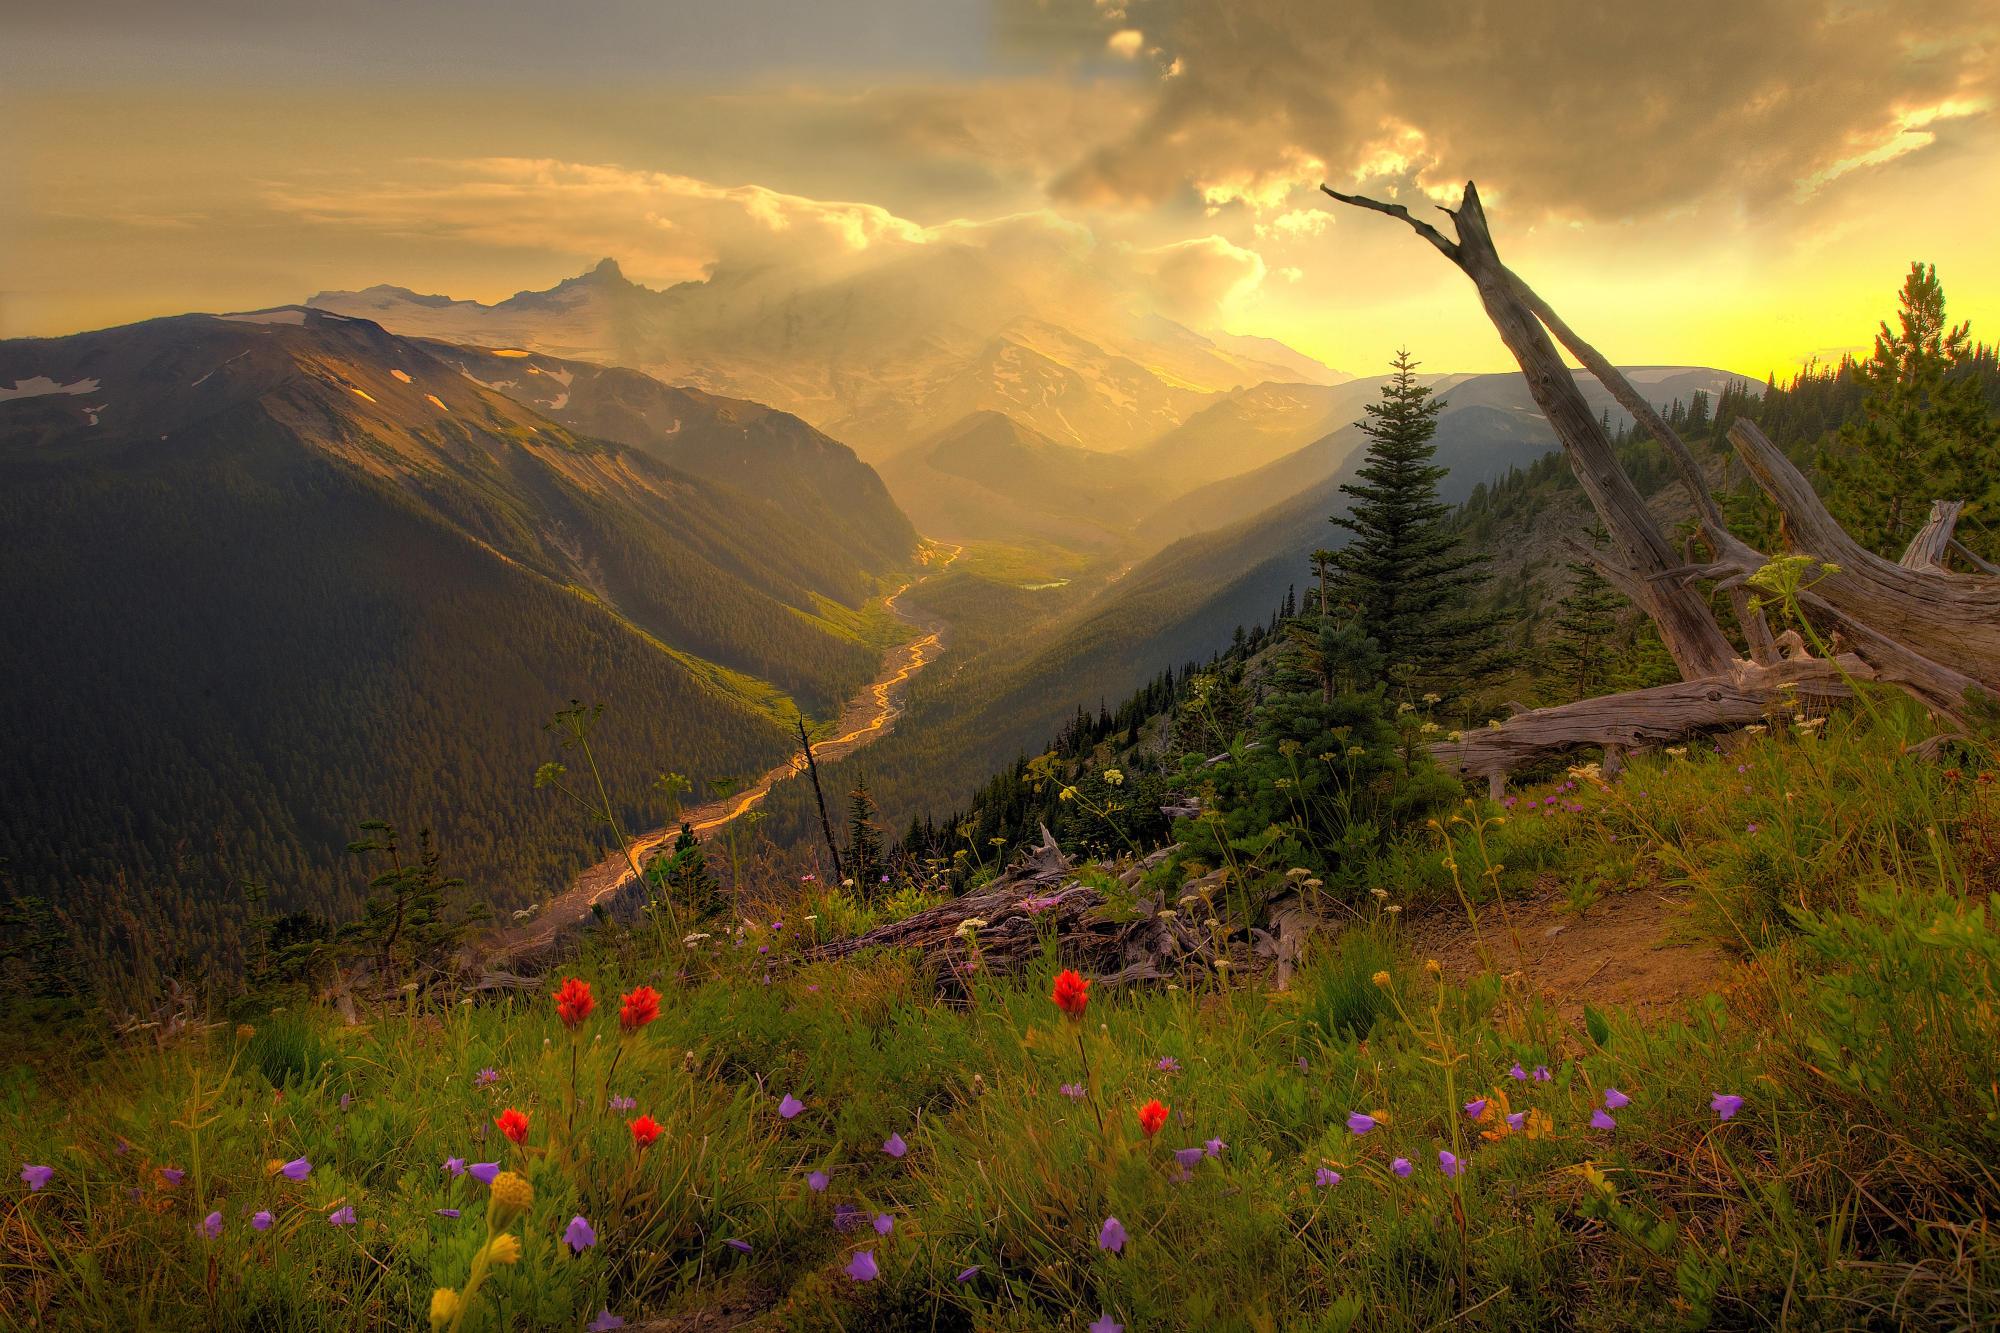 http://cdn.oboi7.com/6ebcc1a736daa0d4baf183ad3baf42055a2ec879/gory-oblaka-pejzazhi-priroda-cvety-doliny-polevye-cvety.jpg